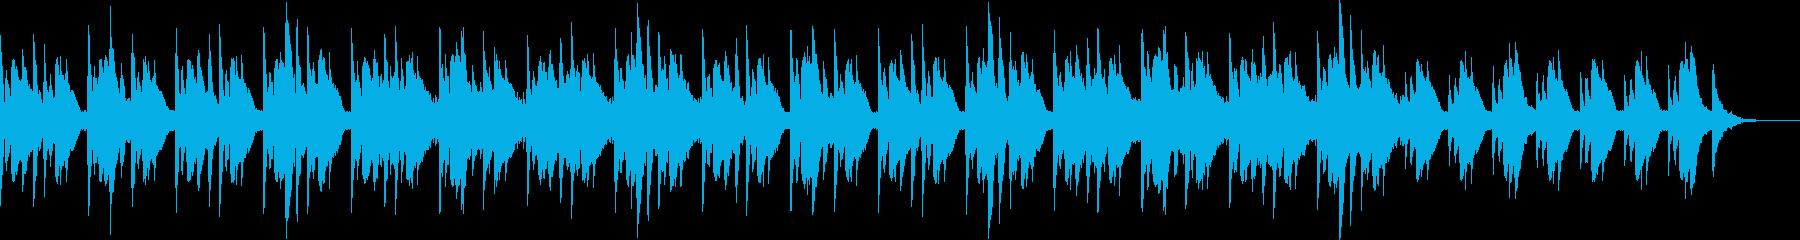 古都のイメージの美しい琴の調べの再生済みの波形